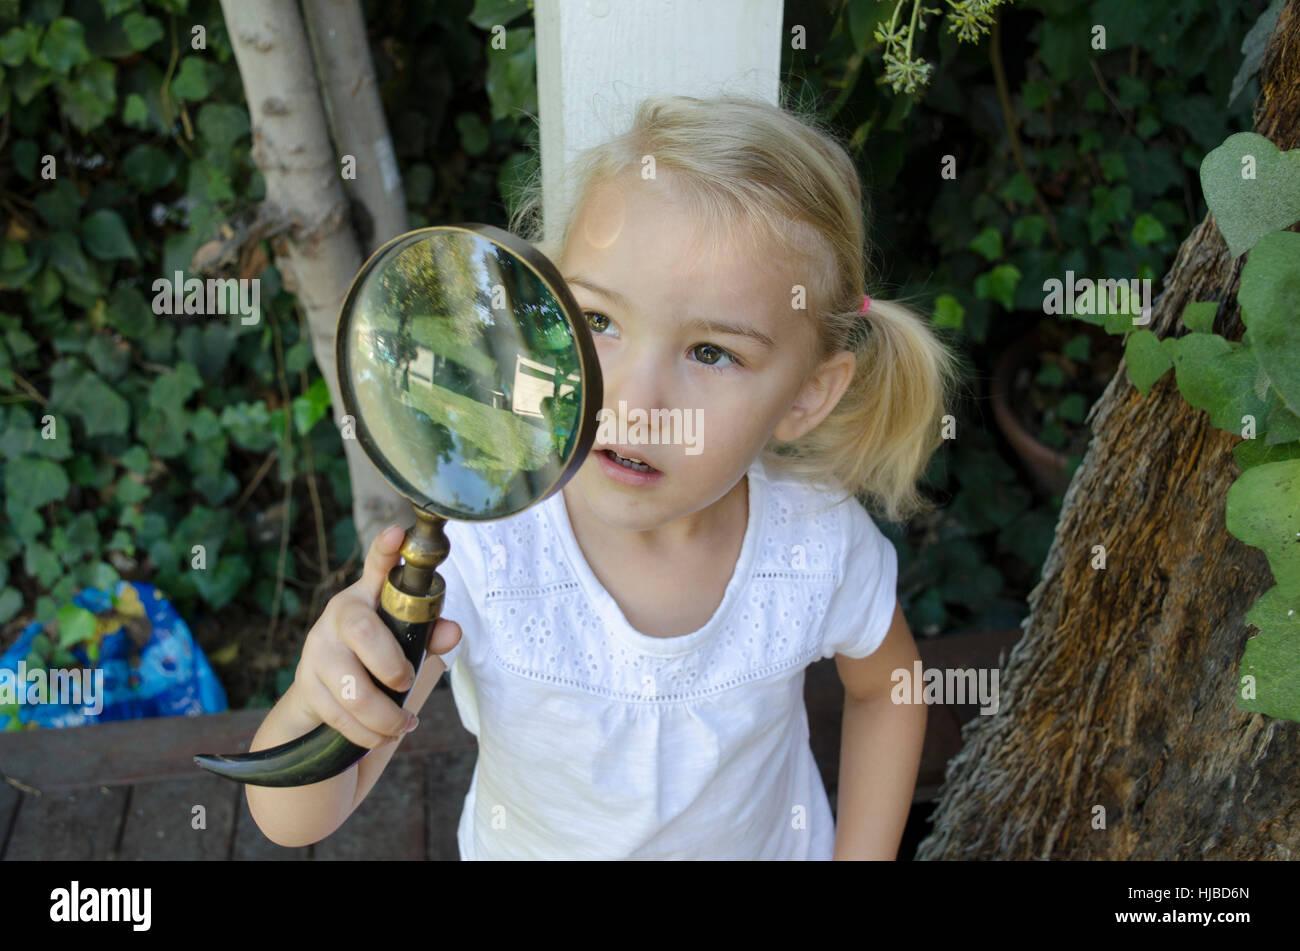 Joven mirando a través de una lupa Foto de stock